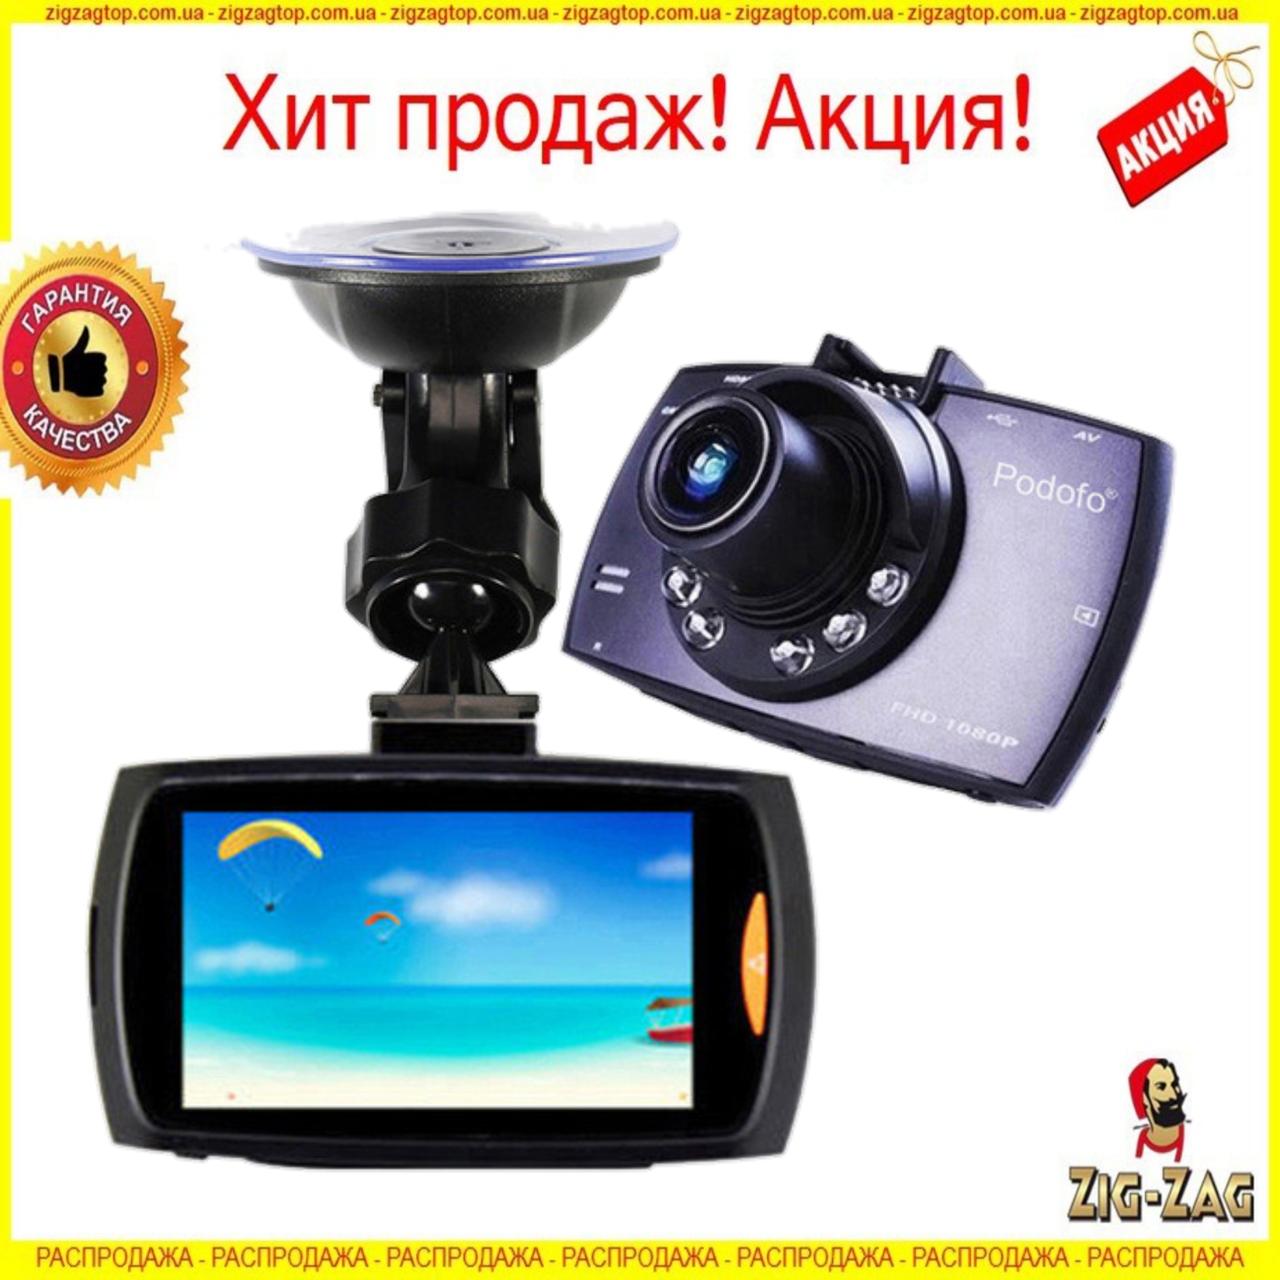 Відеореєстратор BlackBOX DVR G30 якість 1080 Відеореєстратор Full HD в Авто Реєстратор машину Новотек ДВР